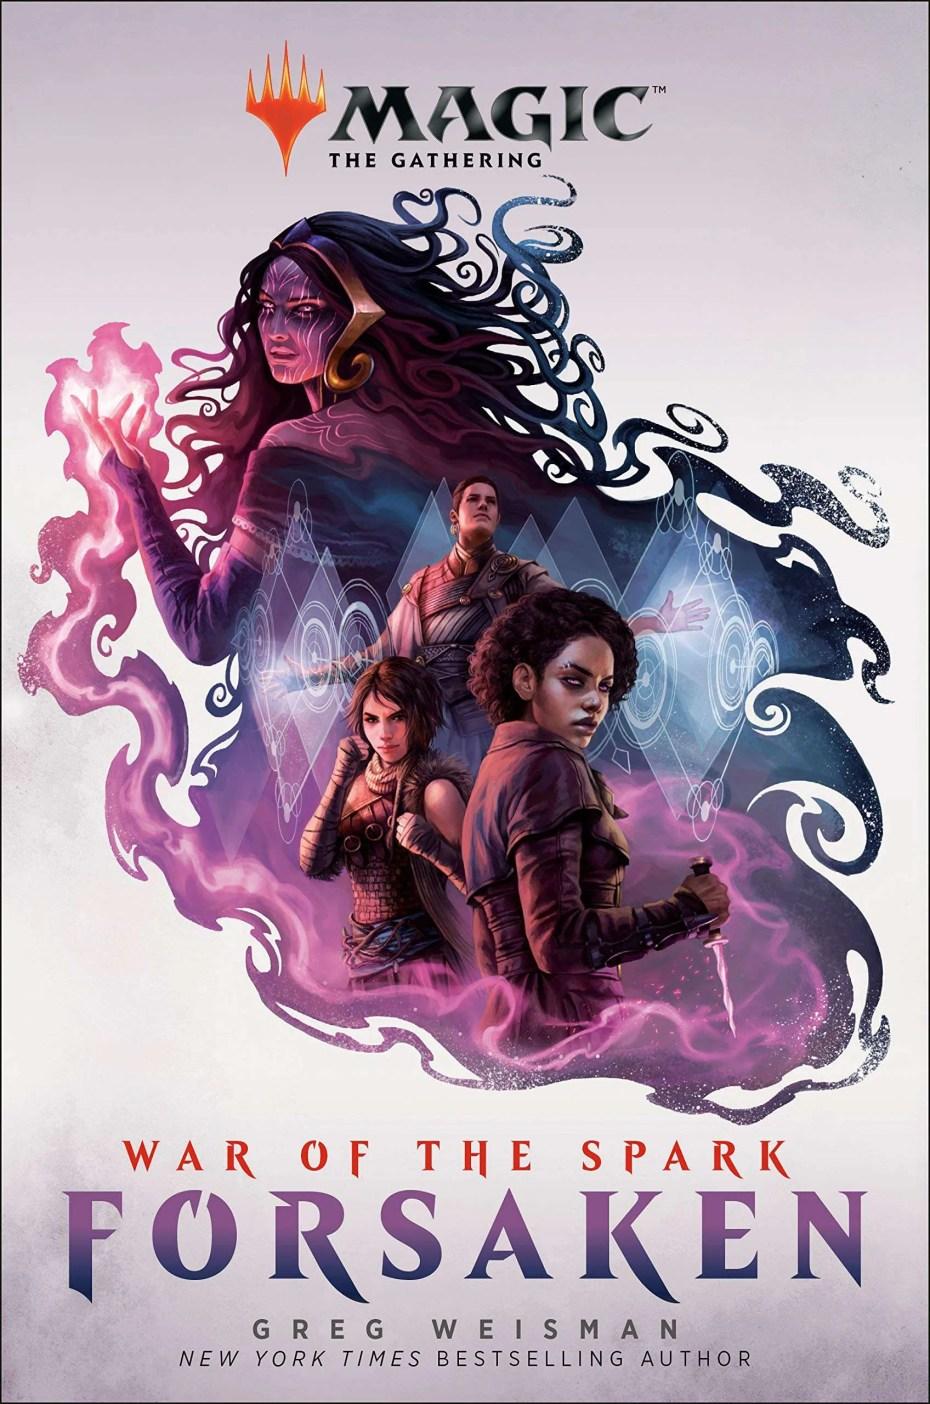 War of the Spark Forsaken